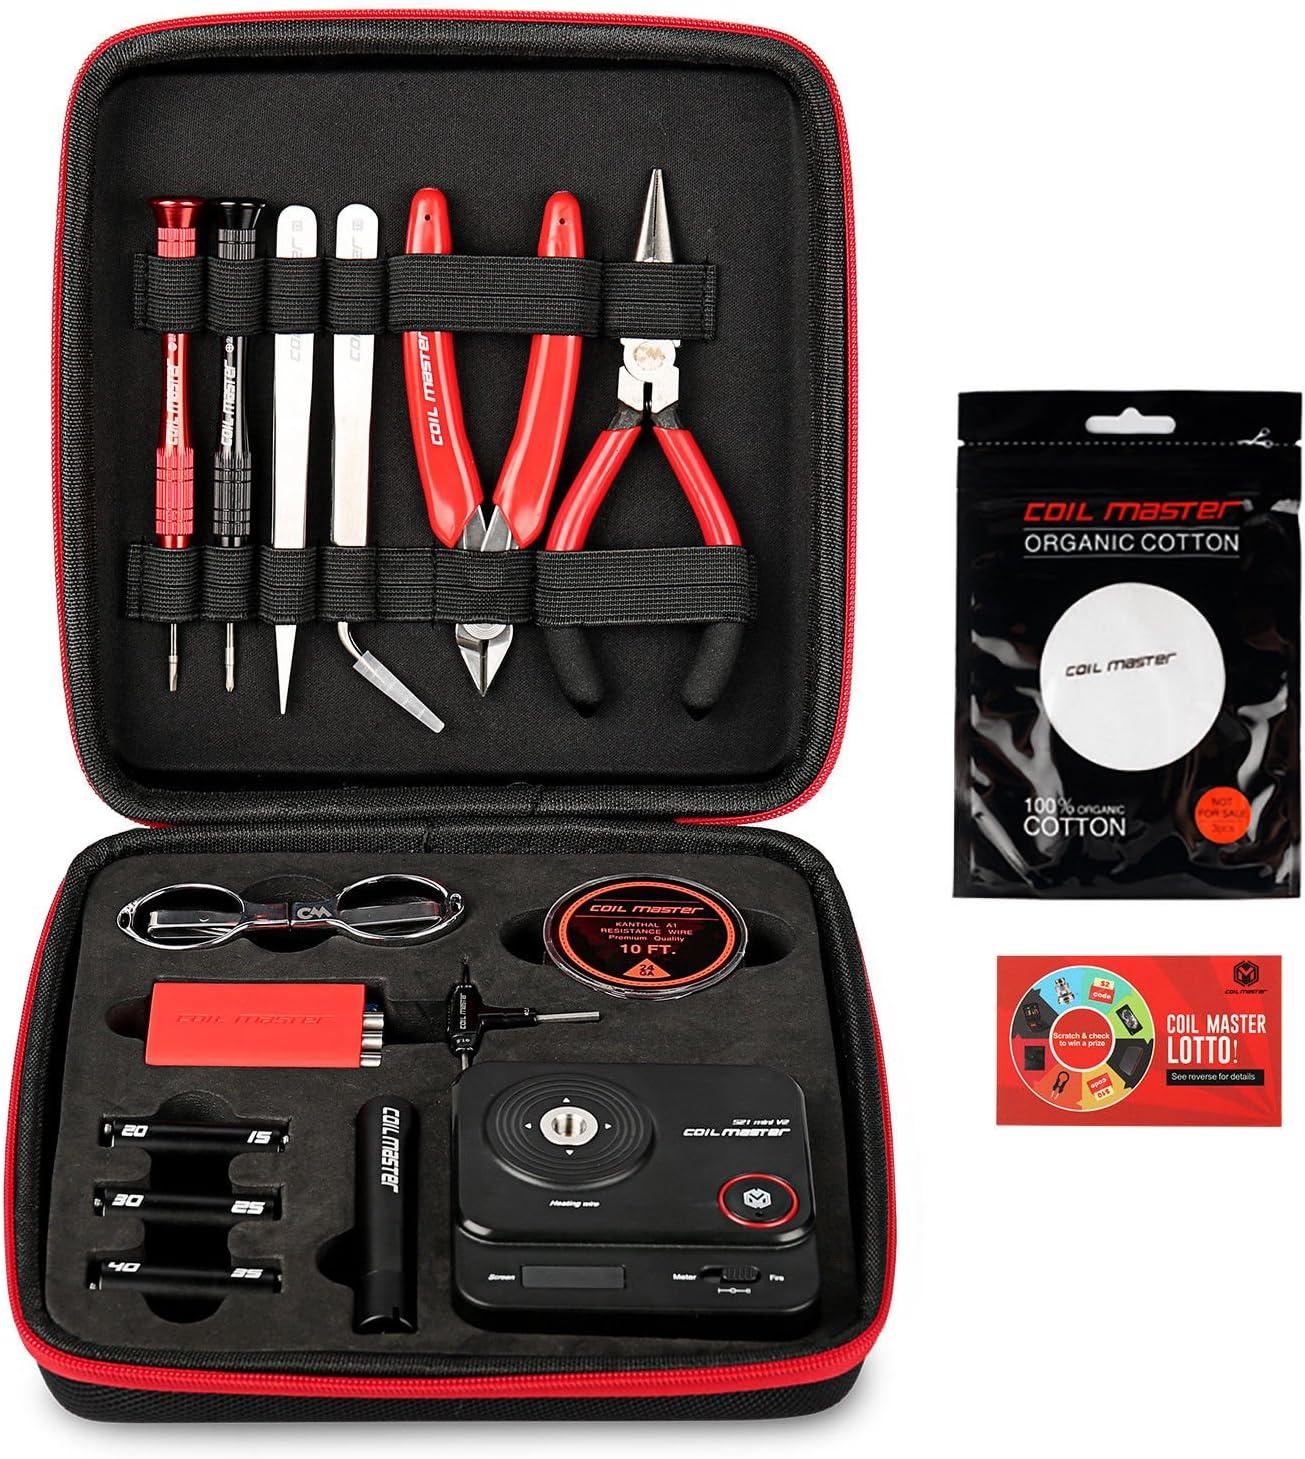 Bobina Master diyv3Kit V3conjunto de herramientas con la última Bobina Jig (V4)/521Tab Mini lector de Ohms/pinzas/resistente al calor, el más nuevo kit de herramientas de alambre